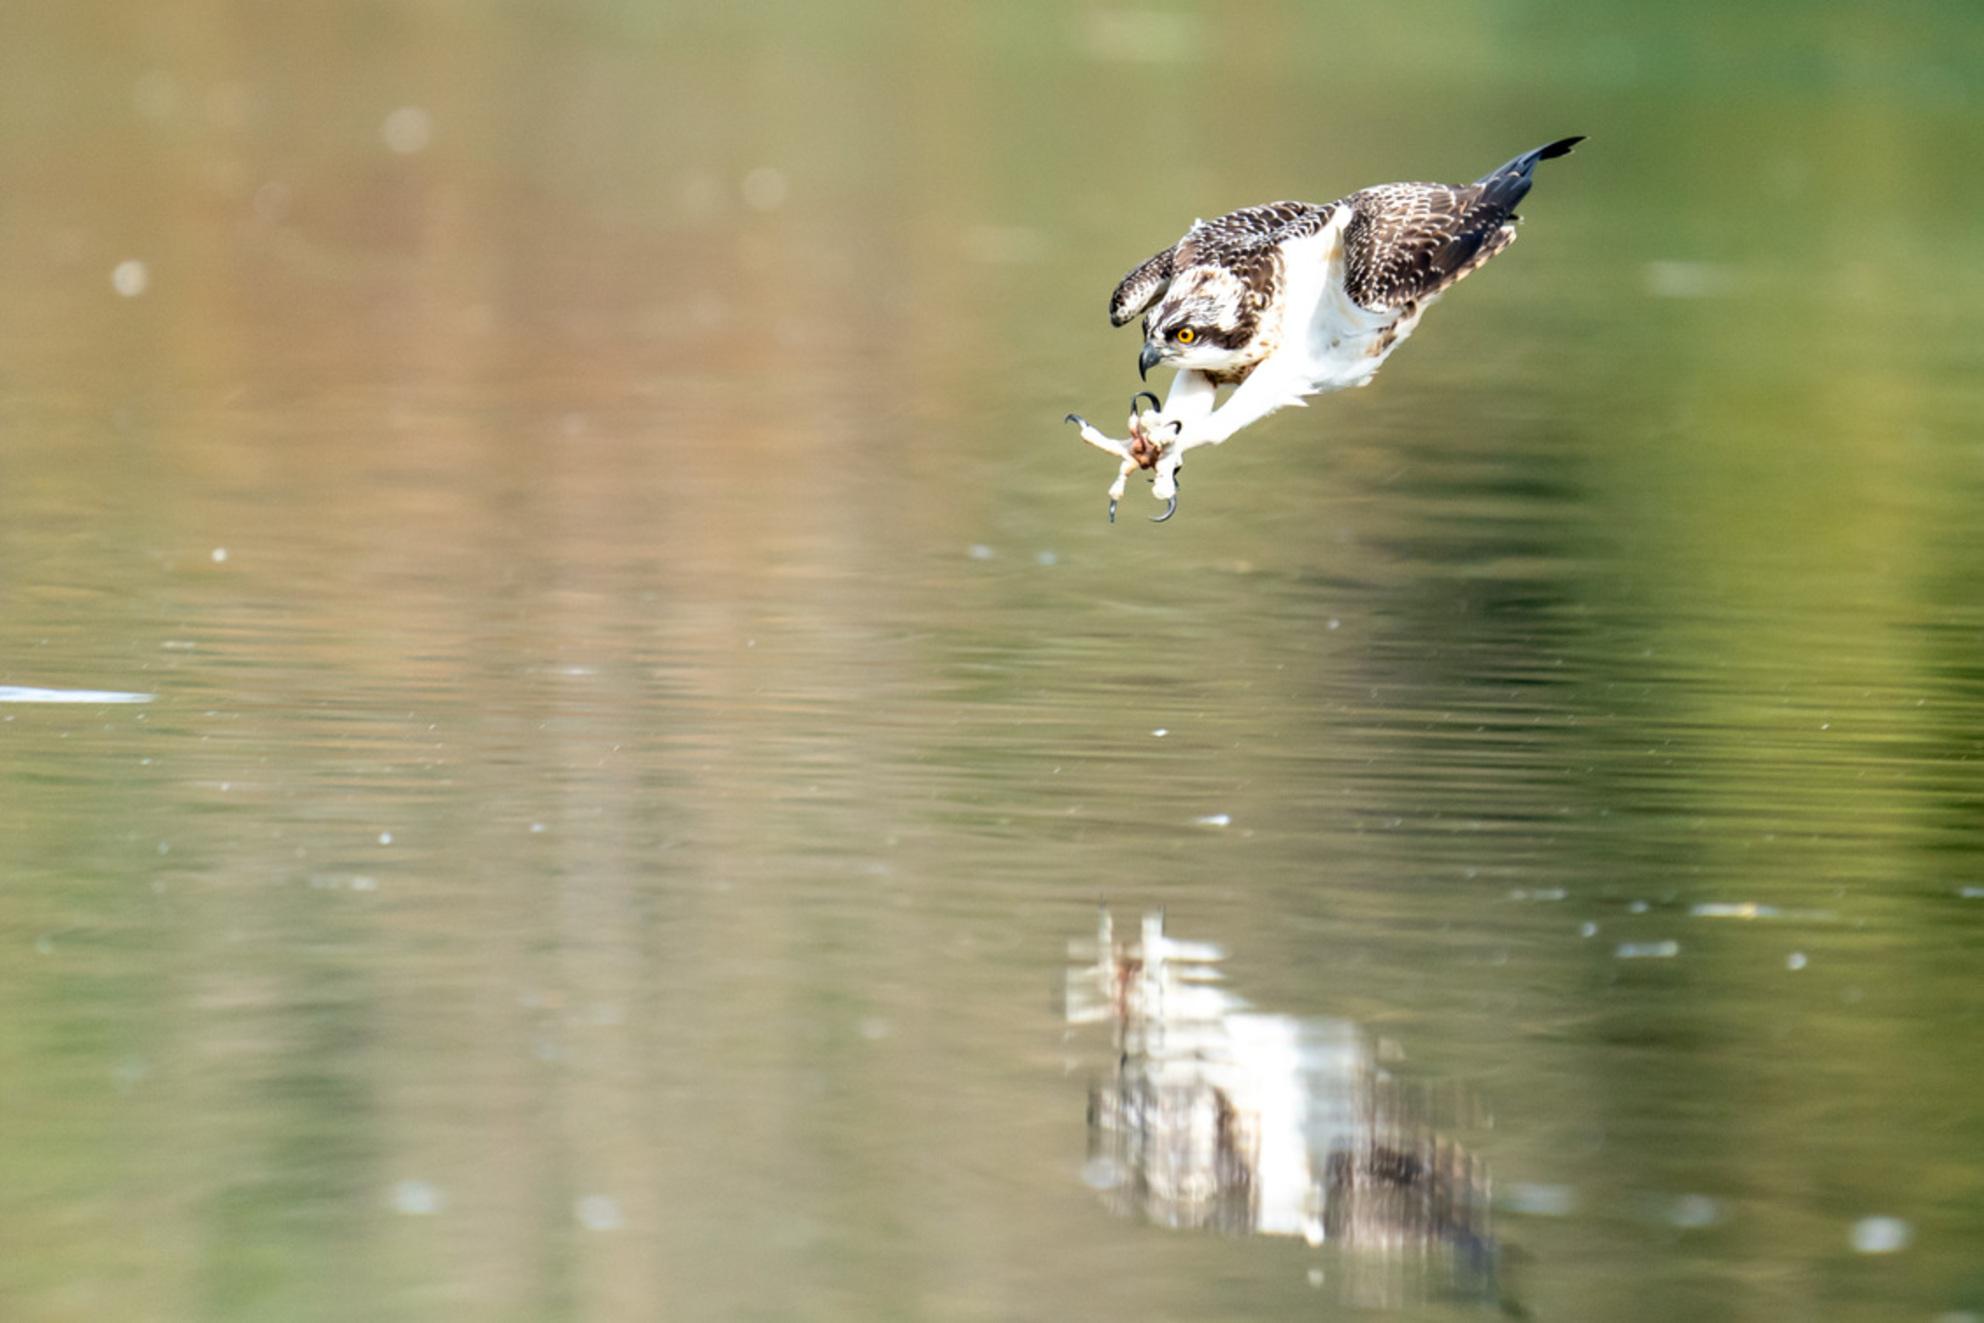 Duikende Visarend - Duikende visarend - foto door Geertjeg op 21-10-2020 - deze foto bevat: natuur, dieren, vis, roofvogel, wildlife, visarend